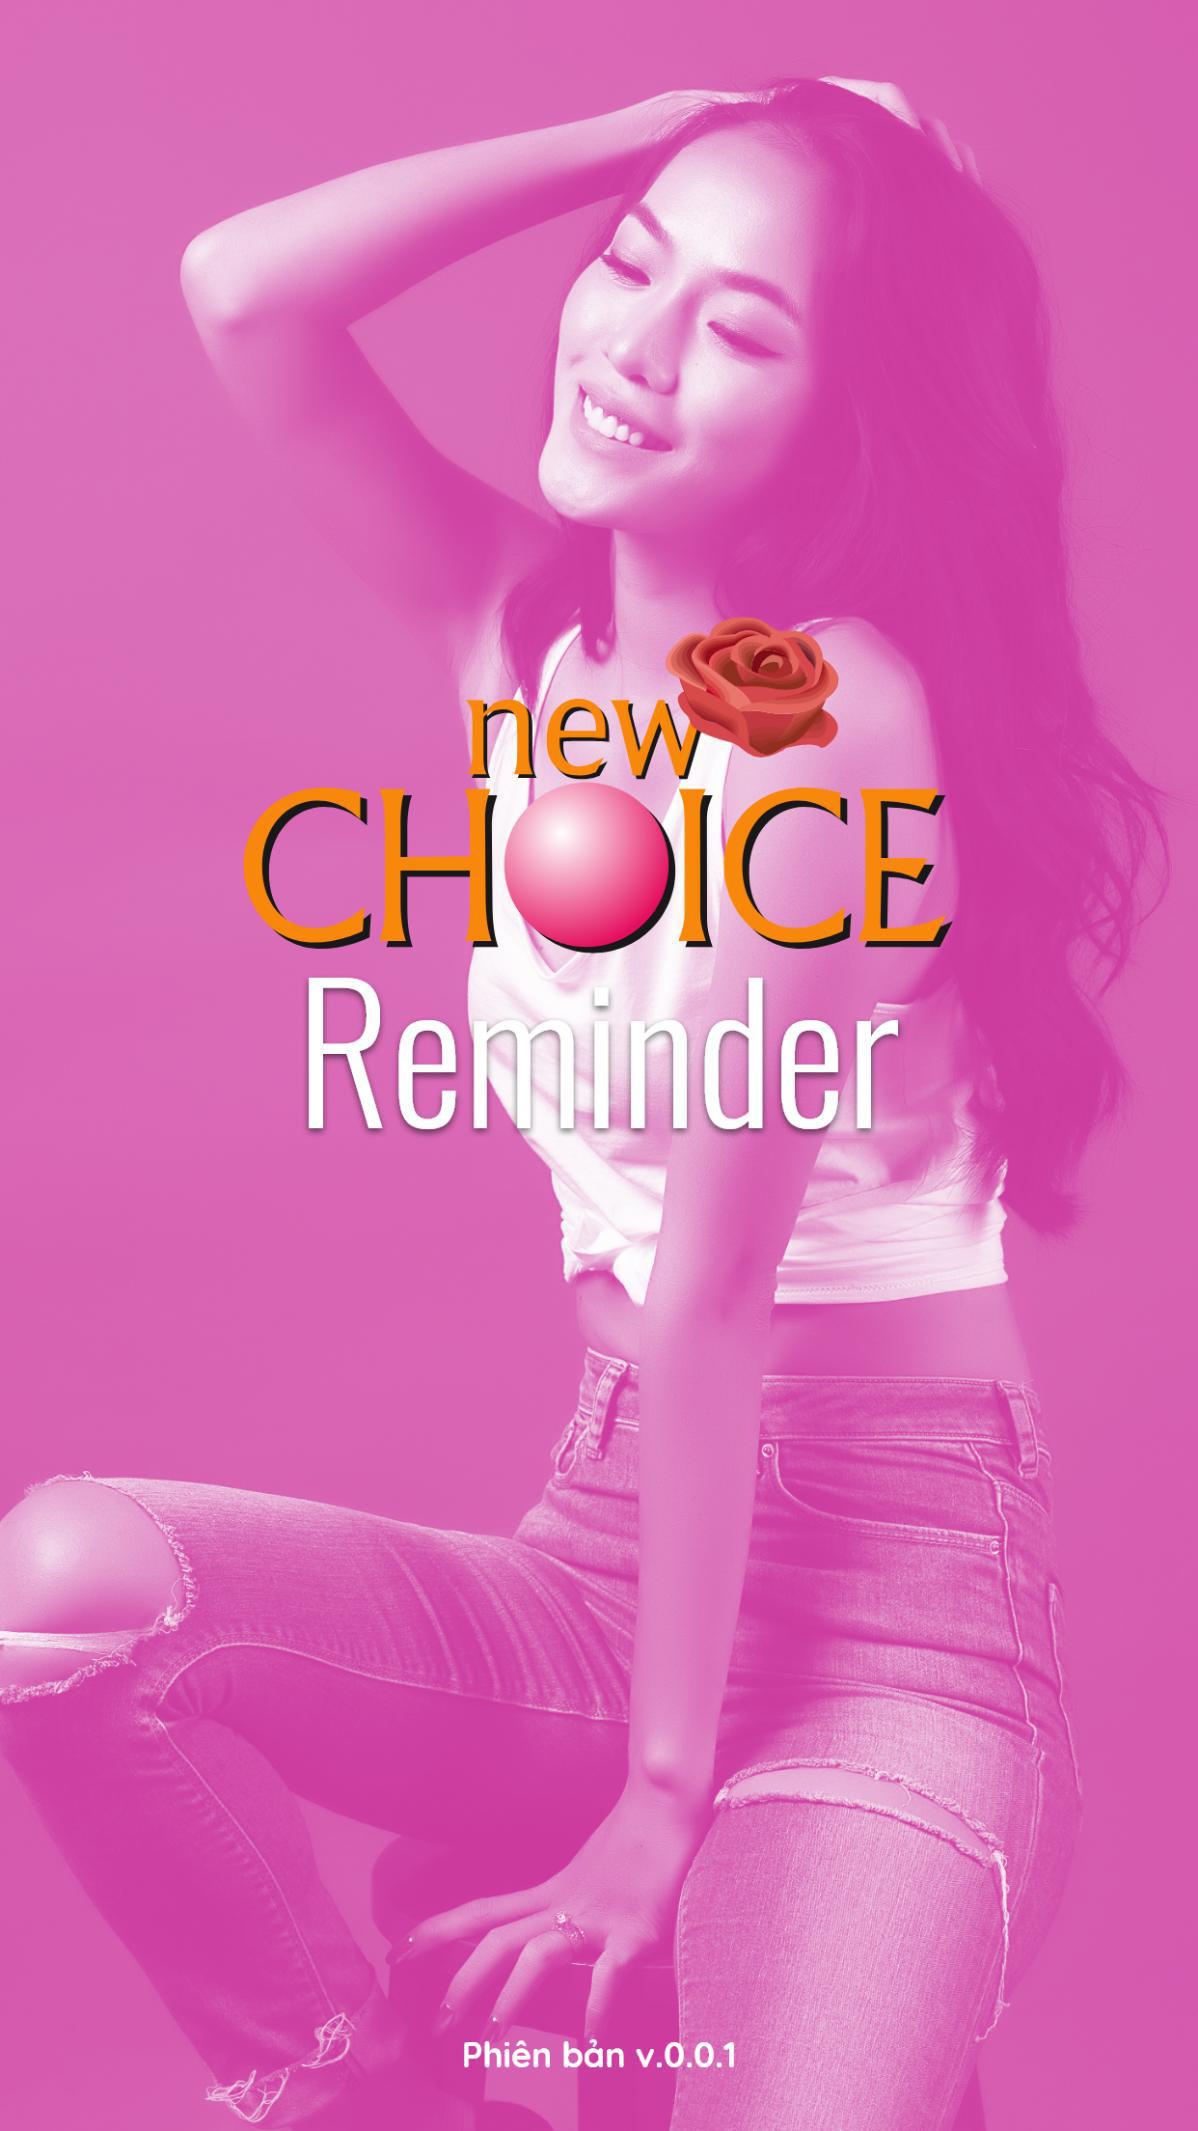 Ra mắt Ứng dụng Tránh thai Newchoice: Vì Hạnh phúc và Sức khỏe phụ nữ Việt - Ảnh 1.